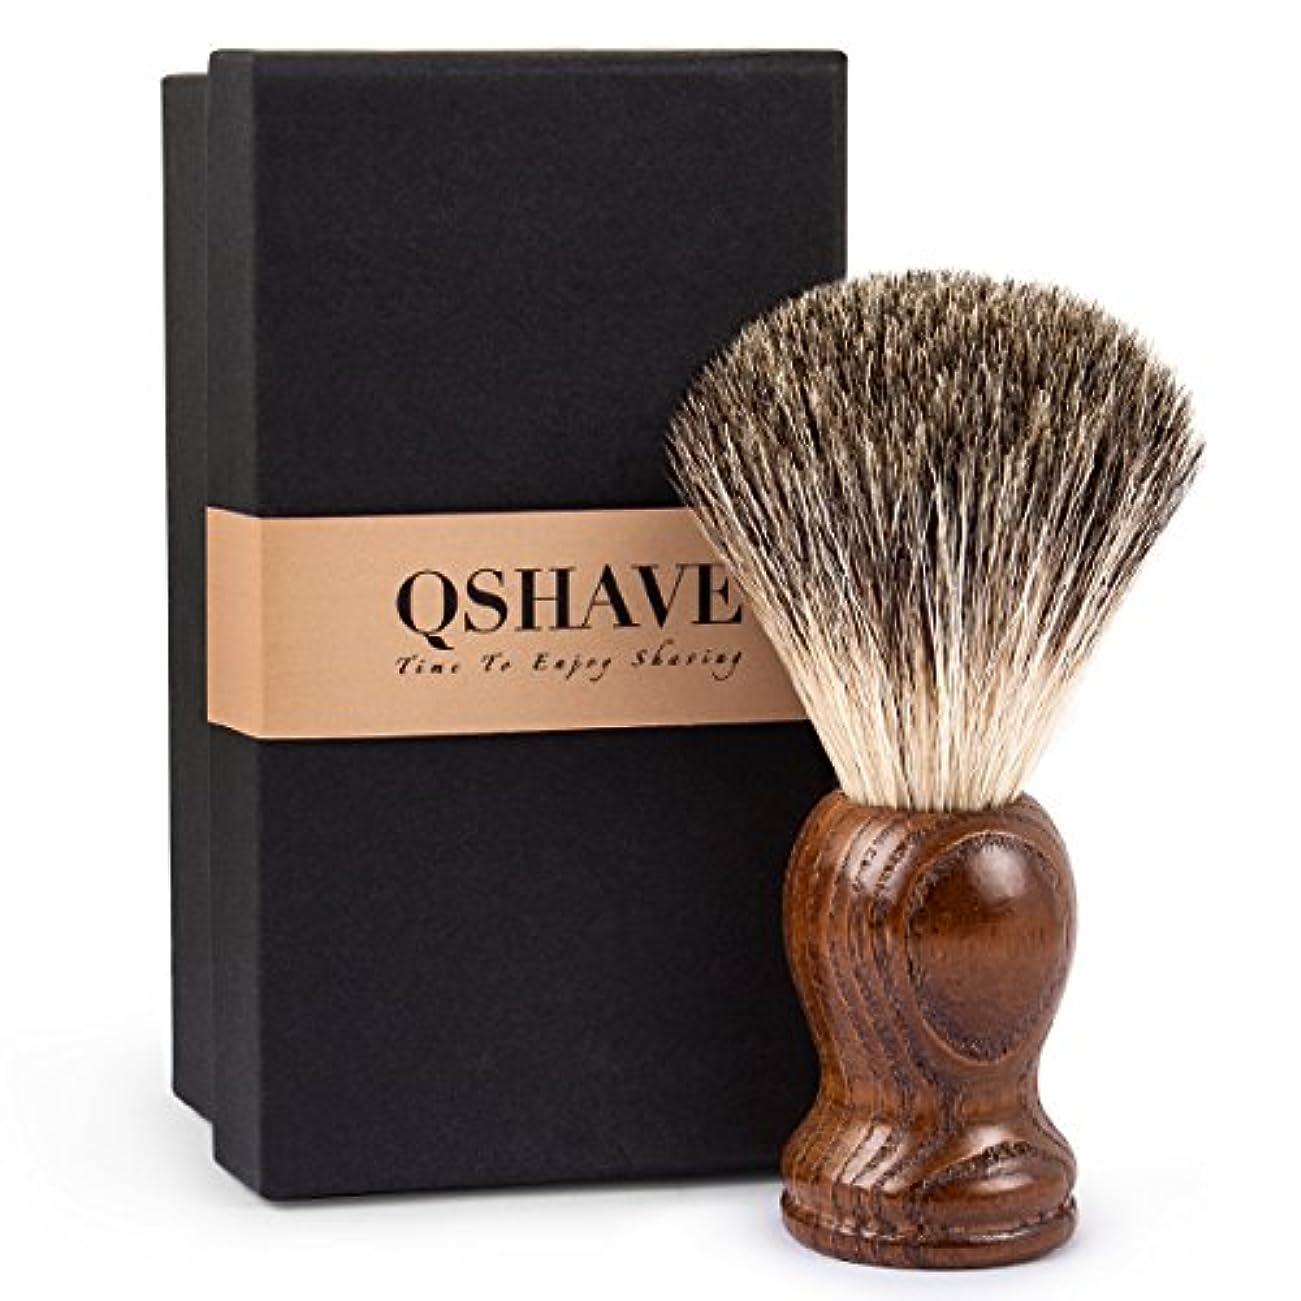 引っ張るビート接地QSHAVE 100%アナグマ毛 木製ハンドル オリジナルハンドメイドシェービングブラシ。ウェットシェービング、安全カミソリ、両刃カミソリに最適